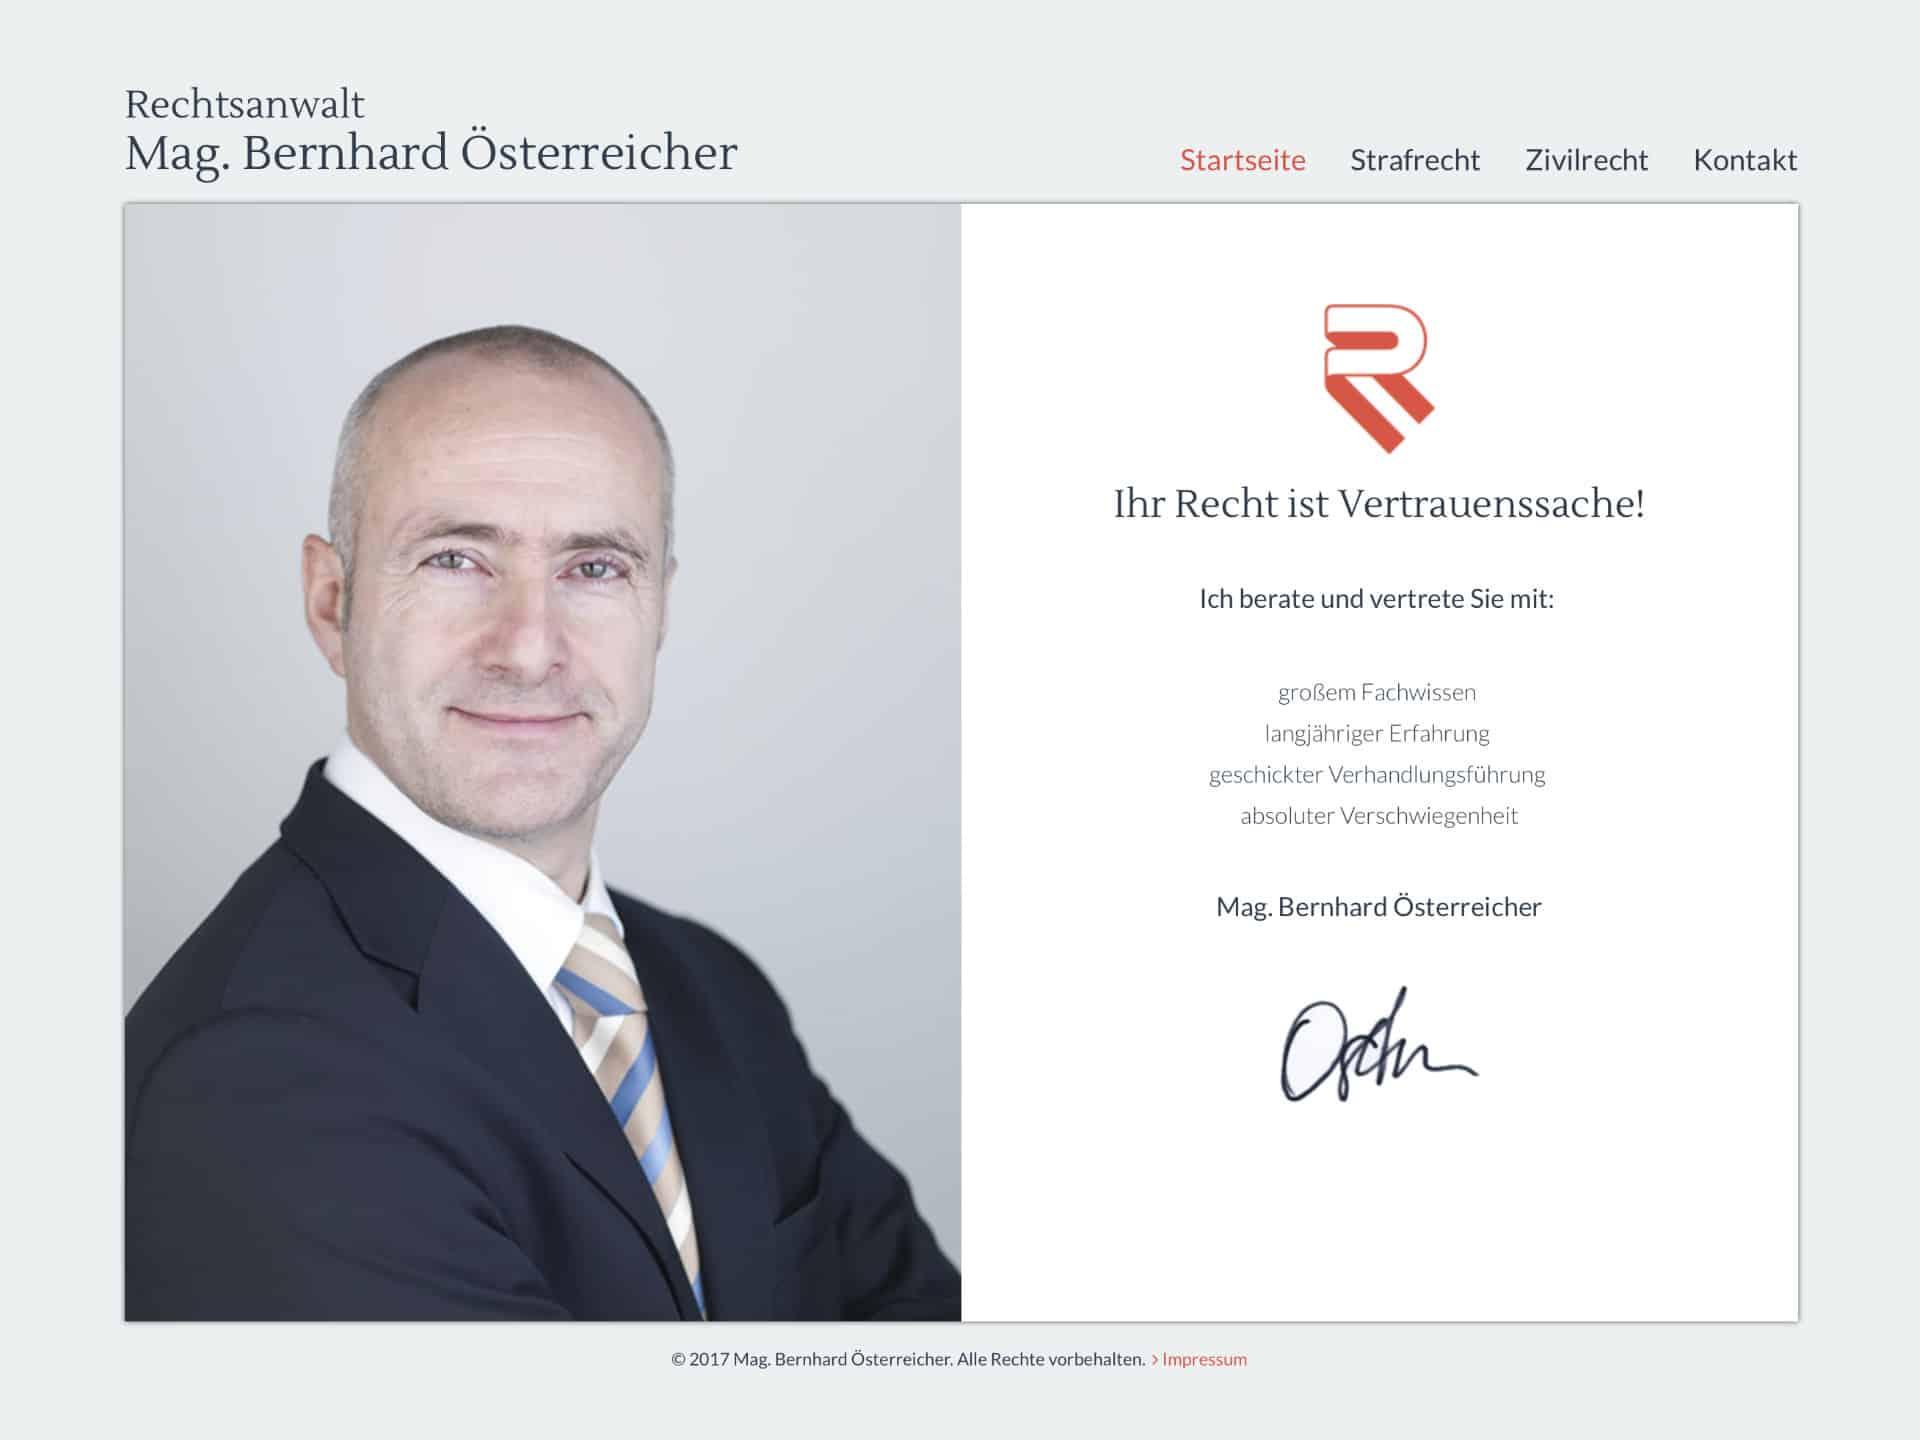 Rechtsanwalt Bernd Oesterreicher